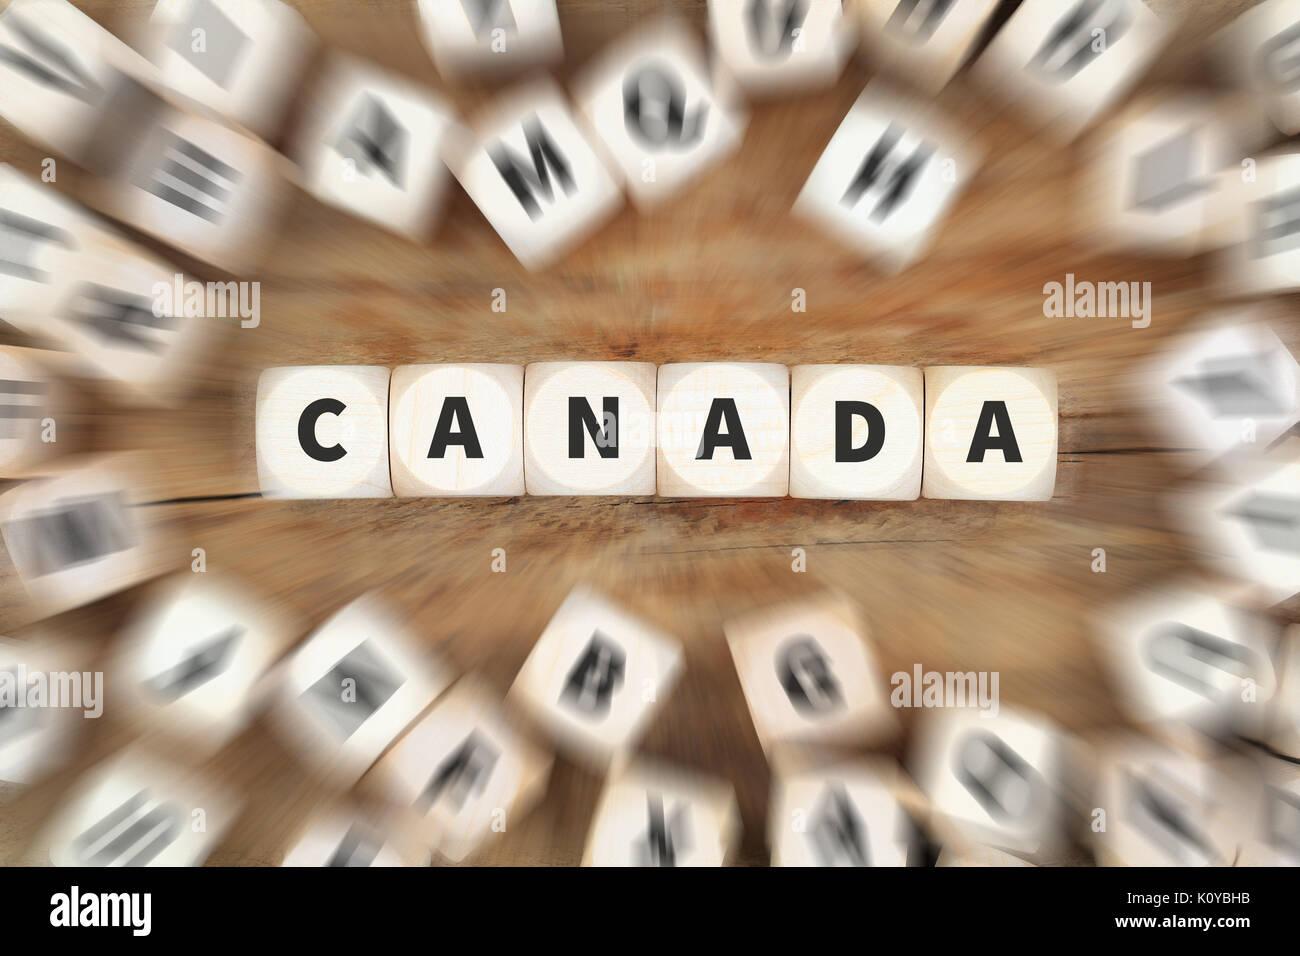 Canada Business dés idées idée concept cube Photo Stock